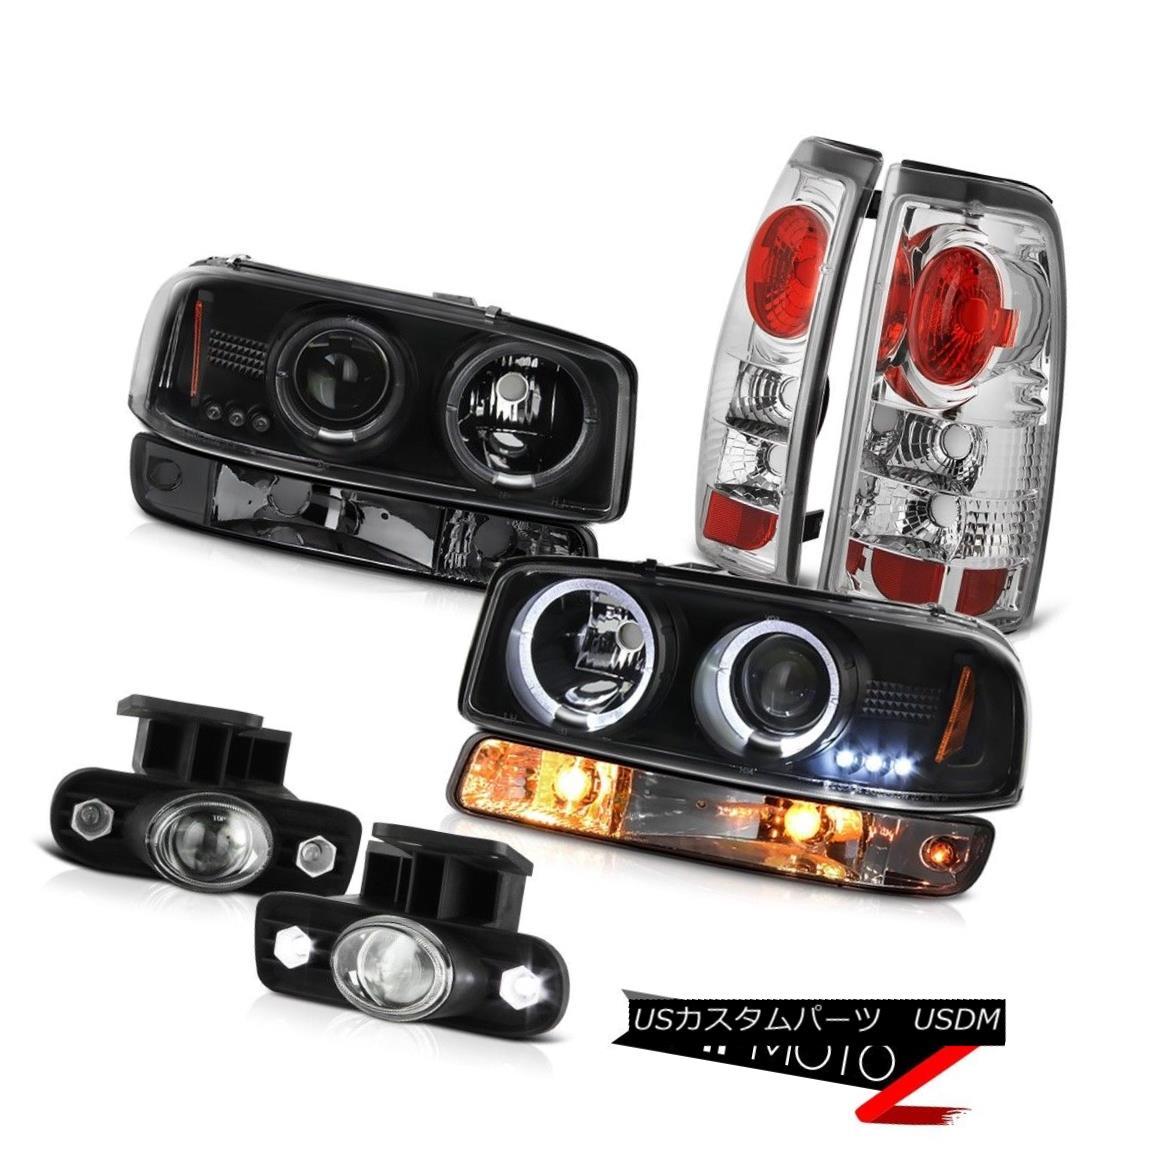 ヘッドライト 1999-2002 Sierra C3 Crystal clear foglamps parking brake lights light Headlights 1999-2002シエラC3クリスタルクリアフォグランプパーキングブレーキライトライトヘッドライト